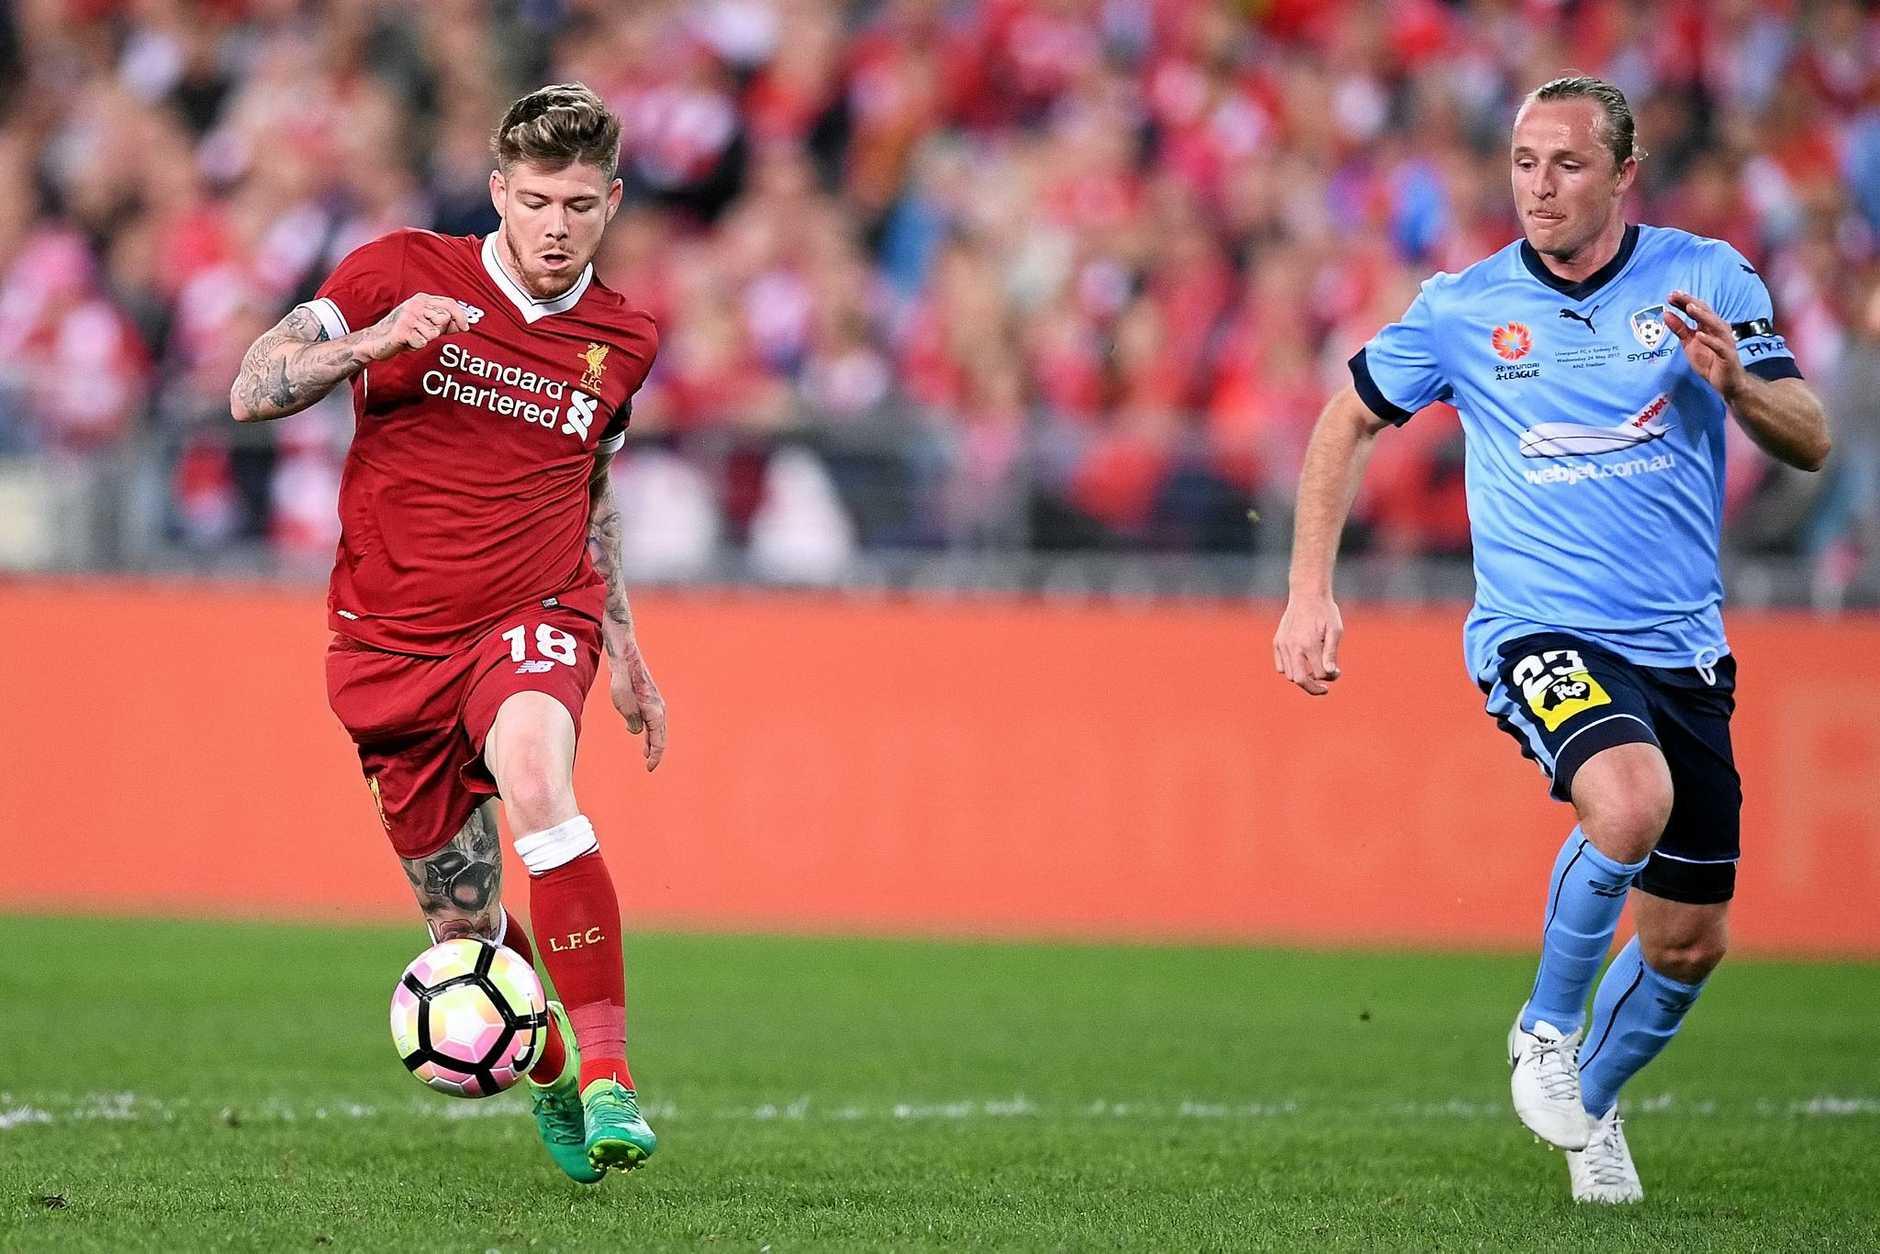 Alberto Moreno of Liverpool controls the ball.